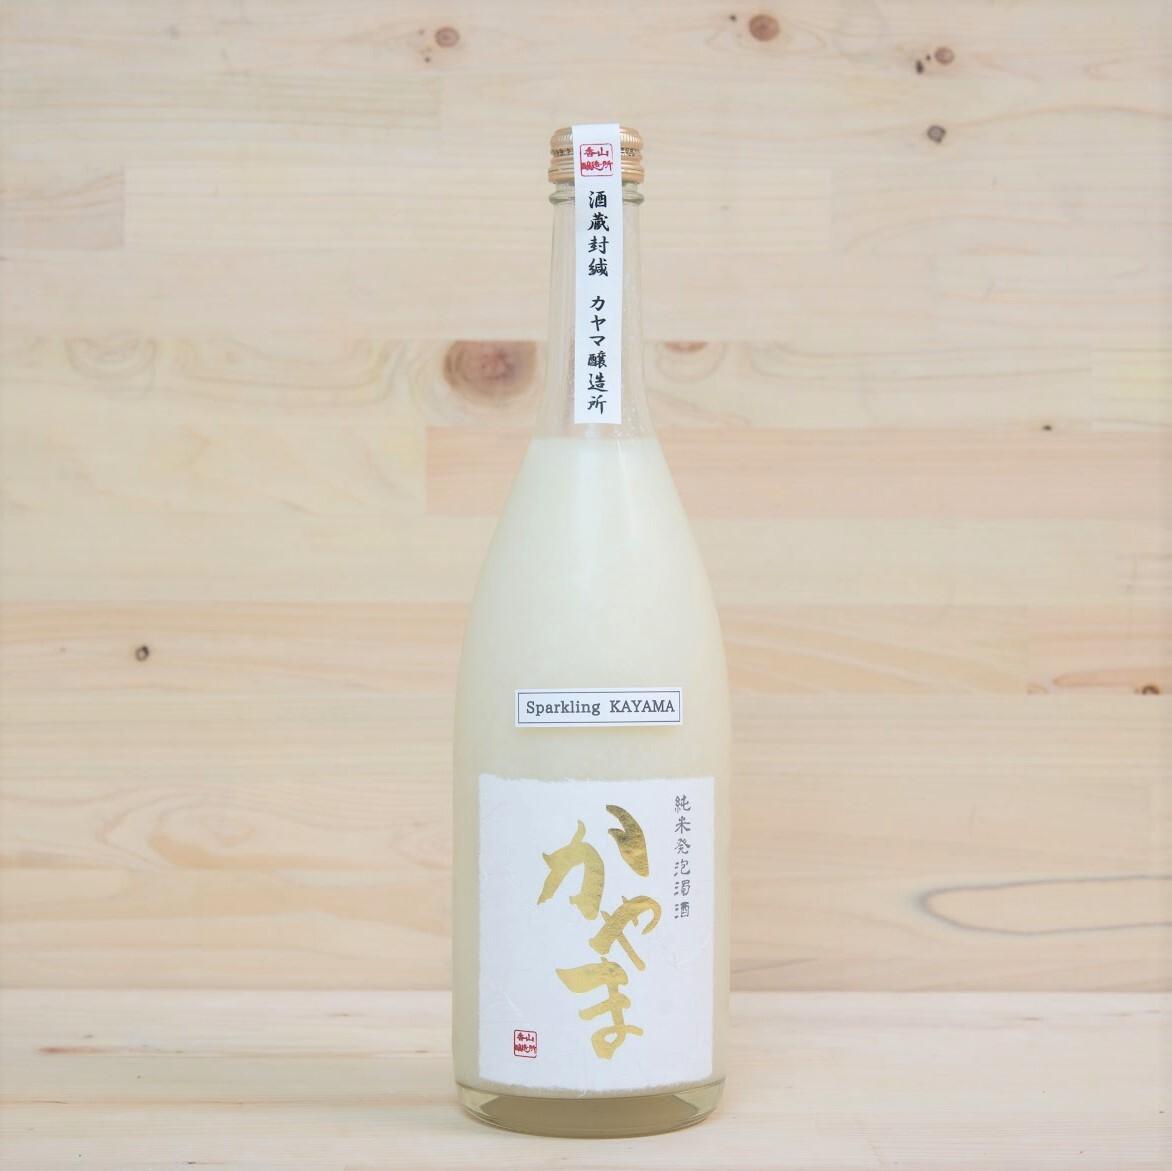 純米発泡濁酒かやま(通常梱包)1本~